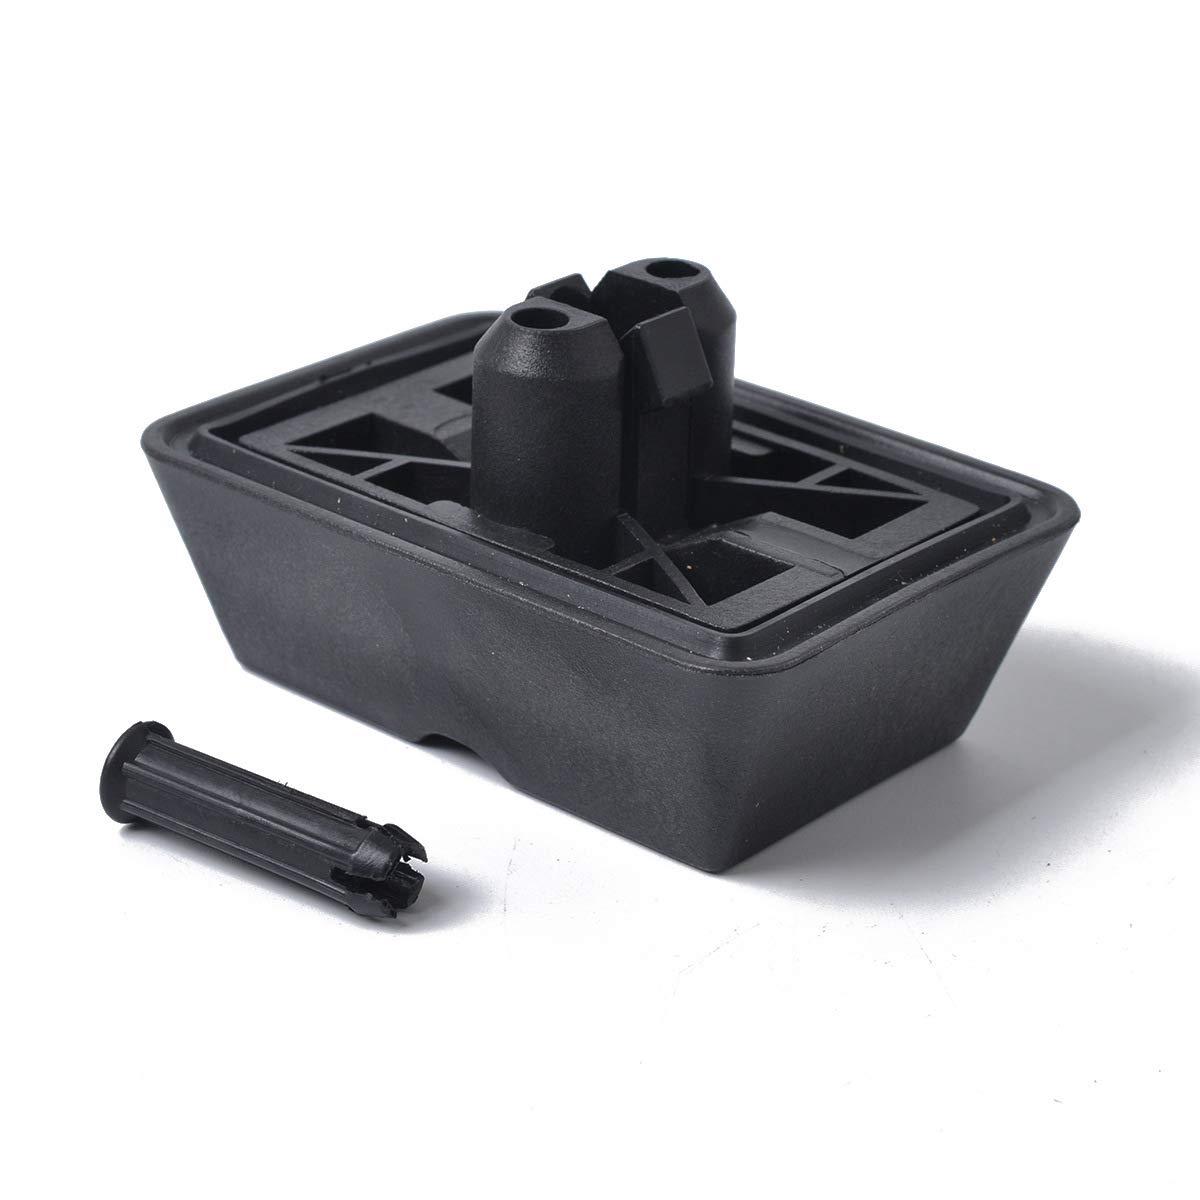 HERCHR Car Jack Rubber Mat, For BMW 357 Series Jack Rubber 51718268885, Black